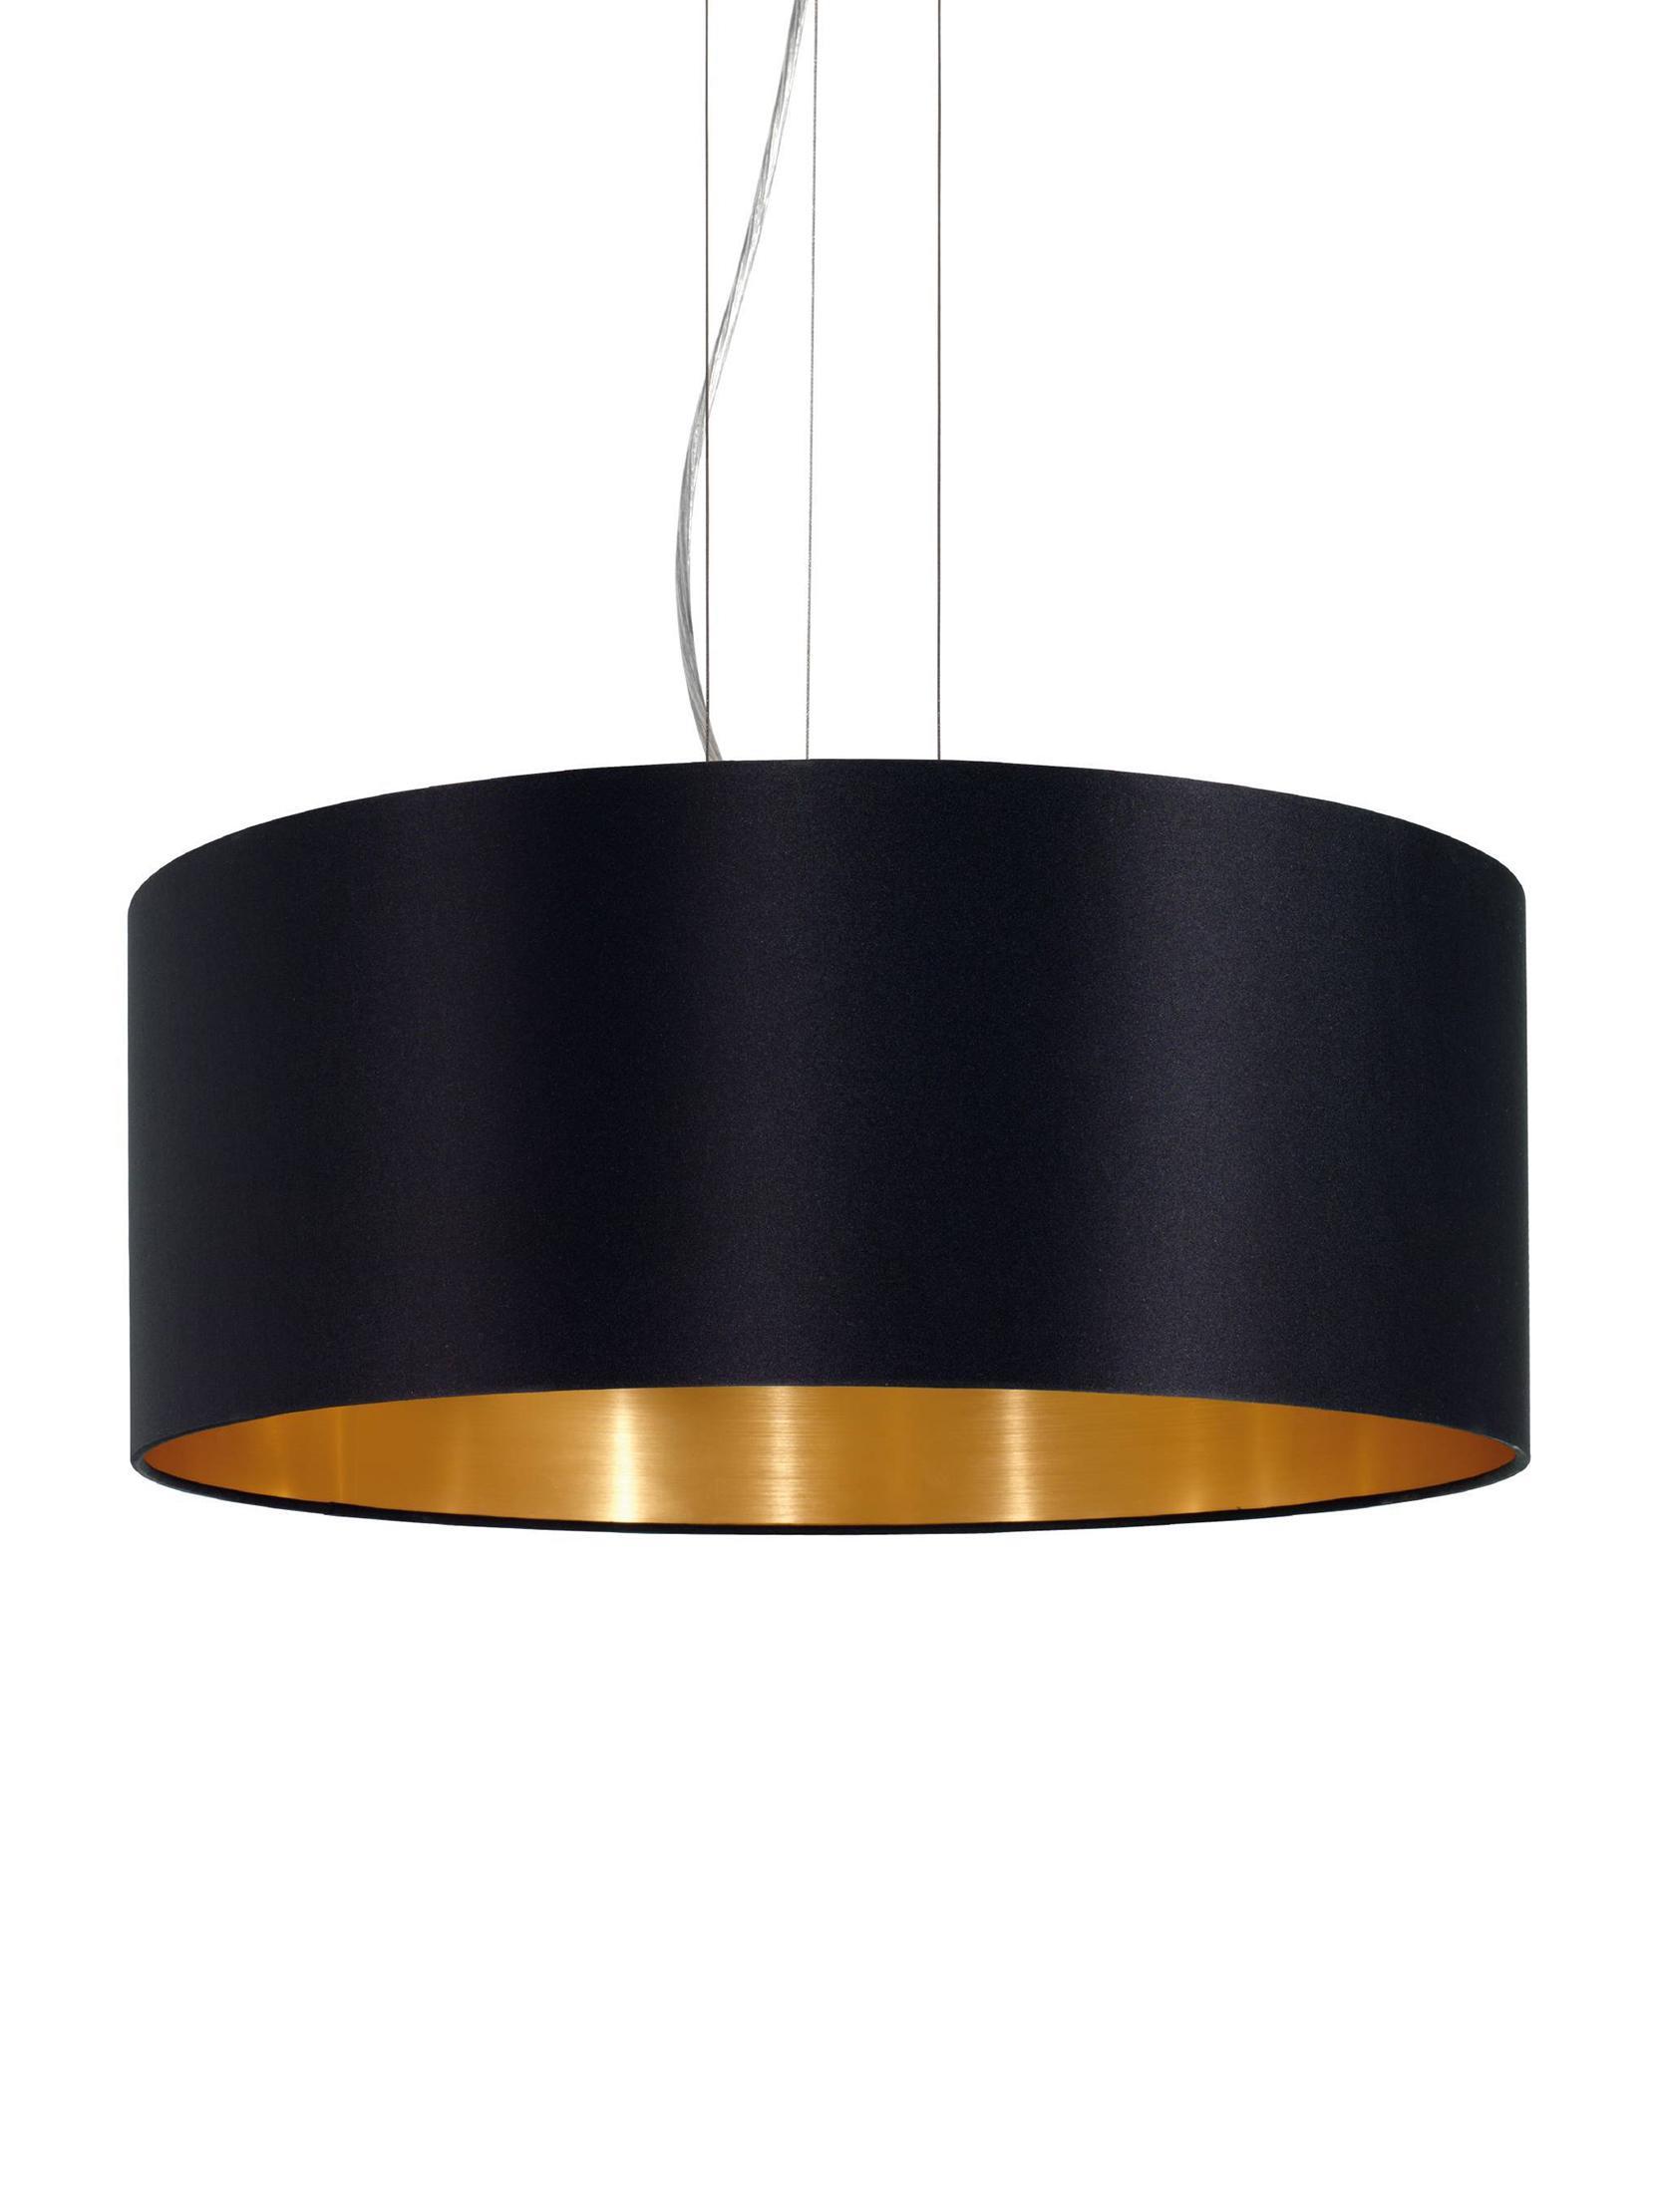 Lámpara de techo Jamie, Anclaje: metal niquelado, Cable: plástico, Plateado, negro, ∅ 53 x Al 24 cm